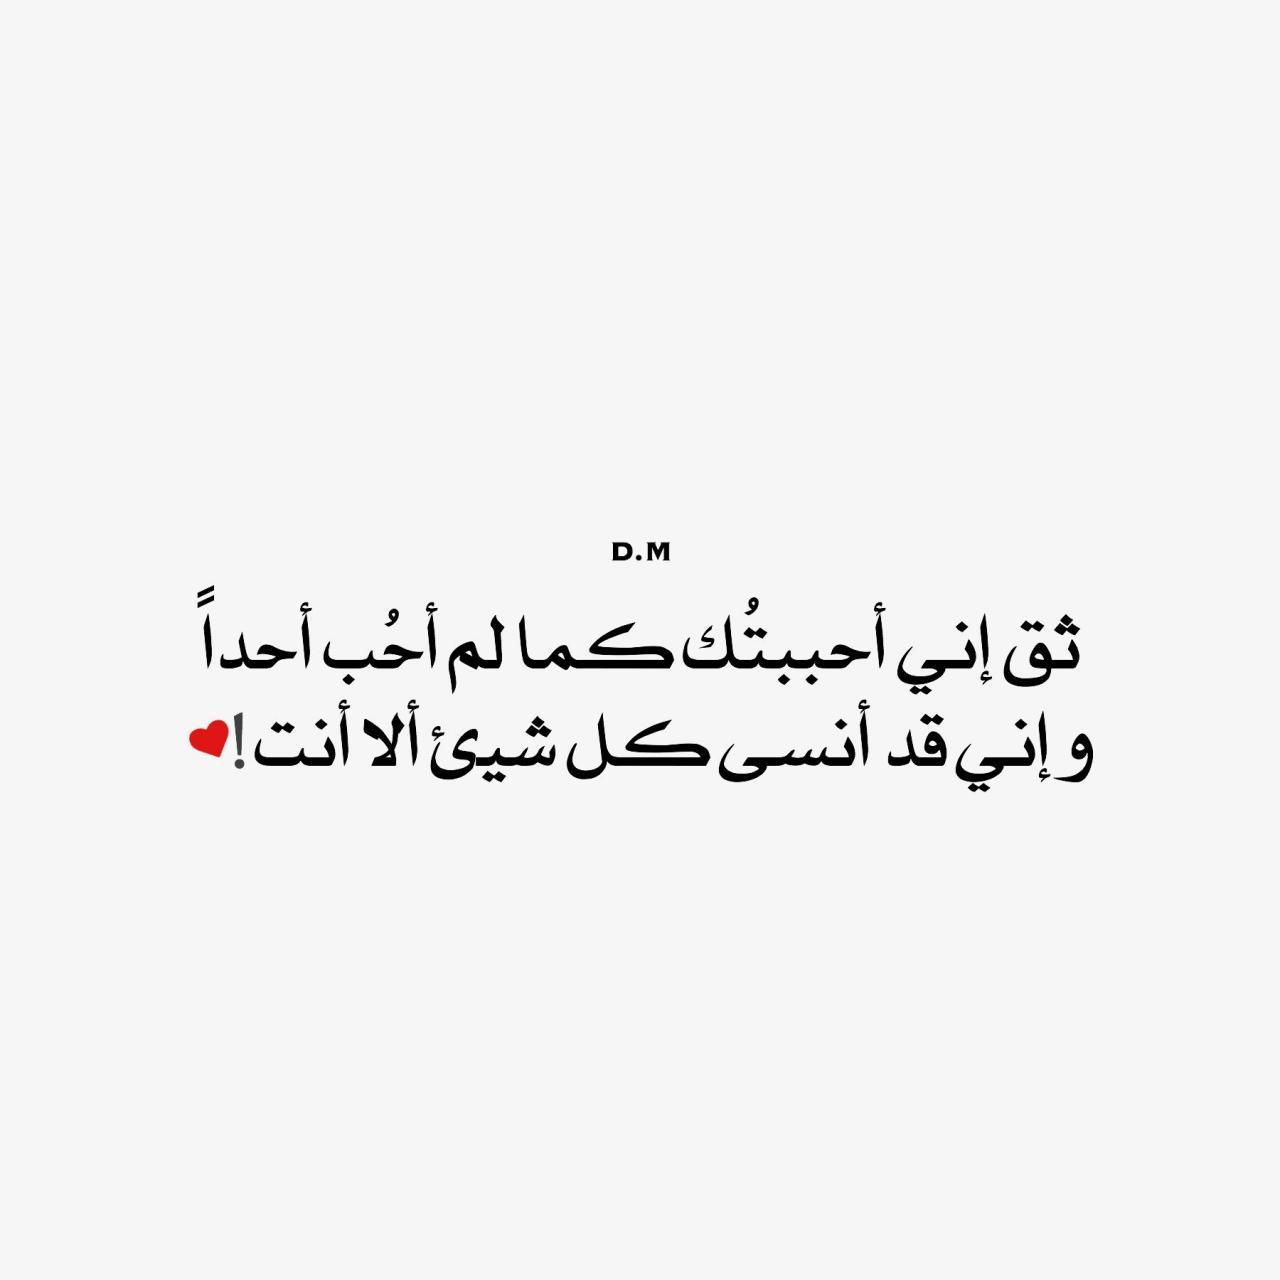 كلمات عن الحب قصيرة